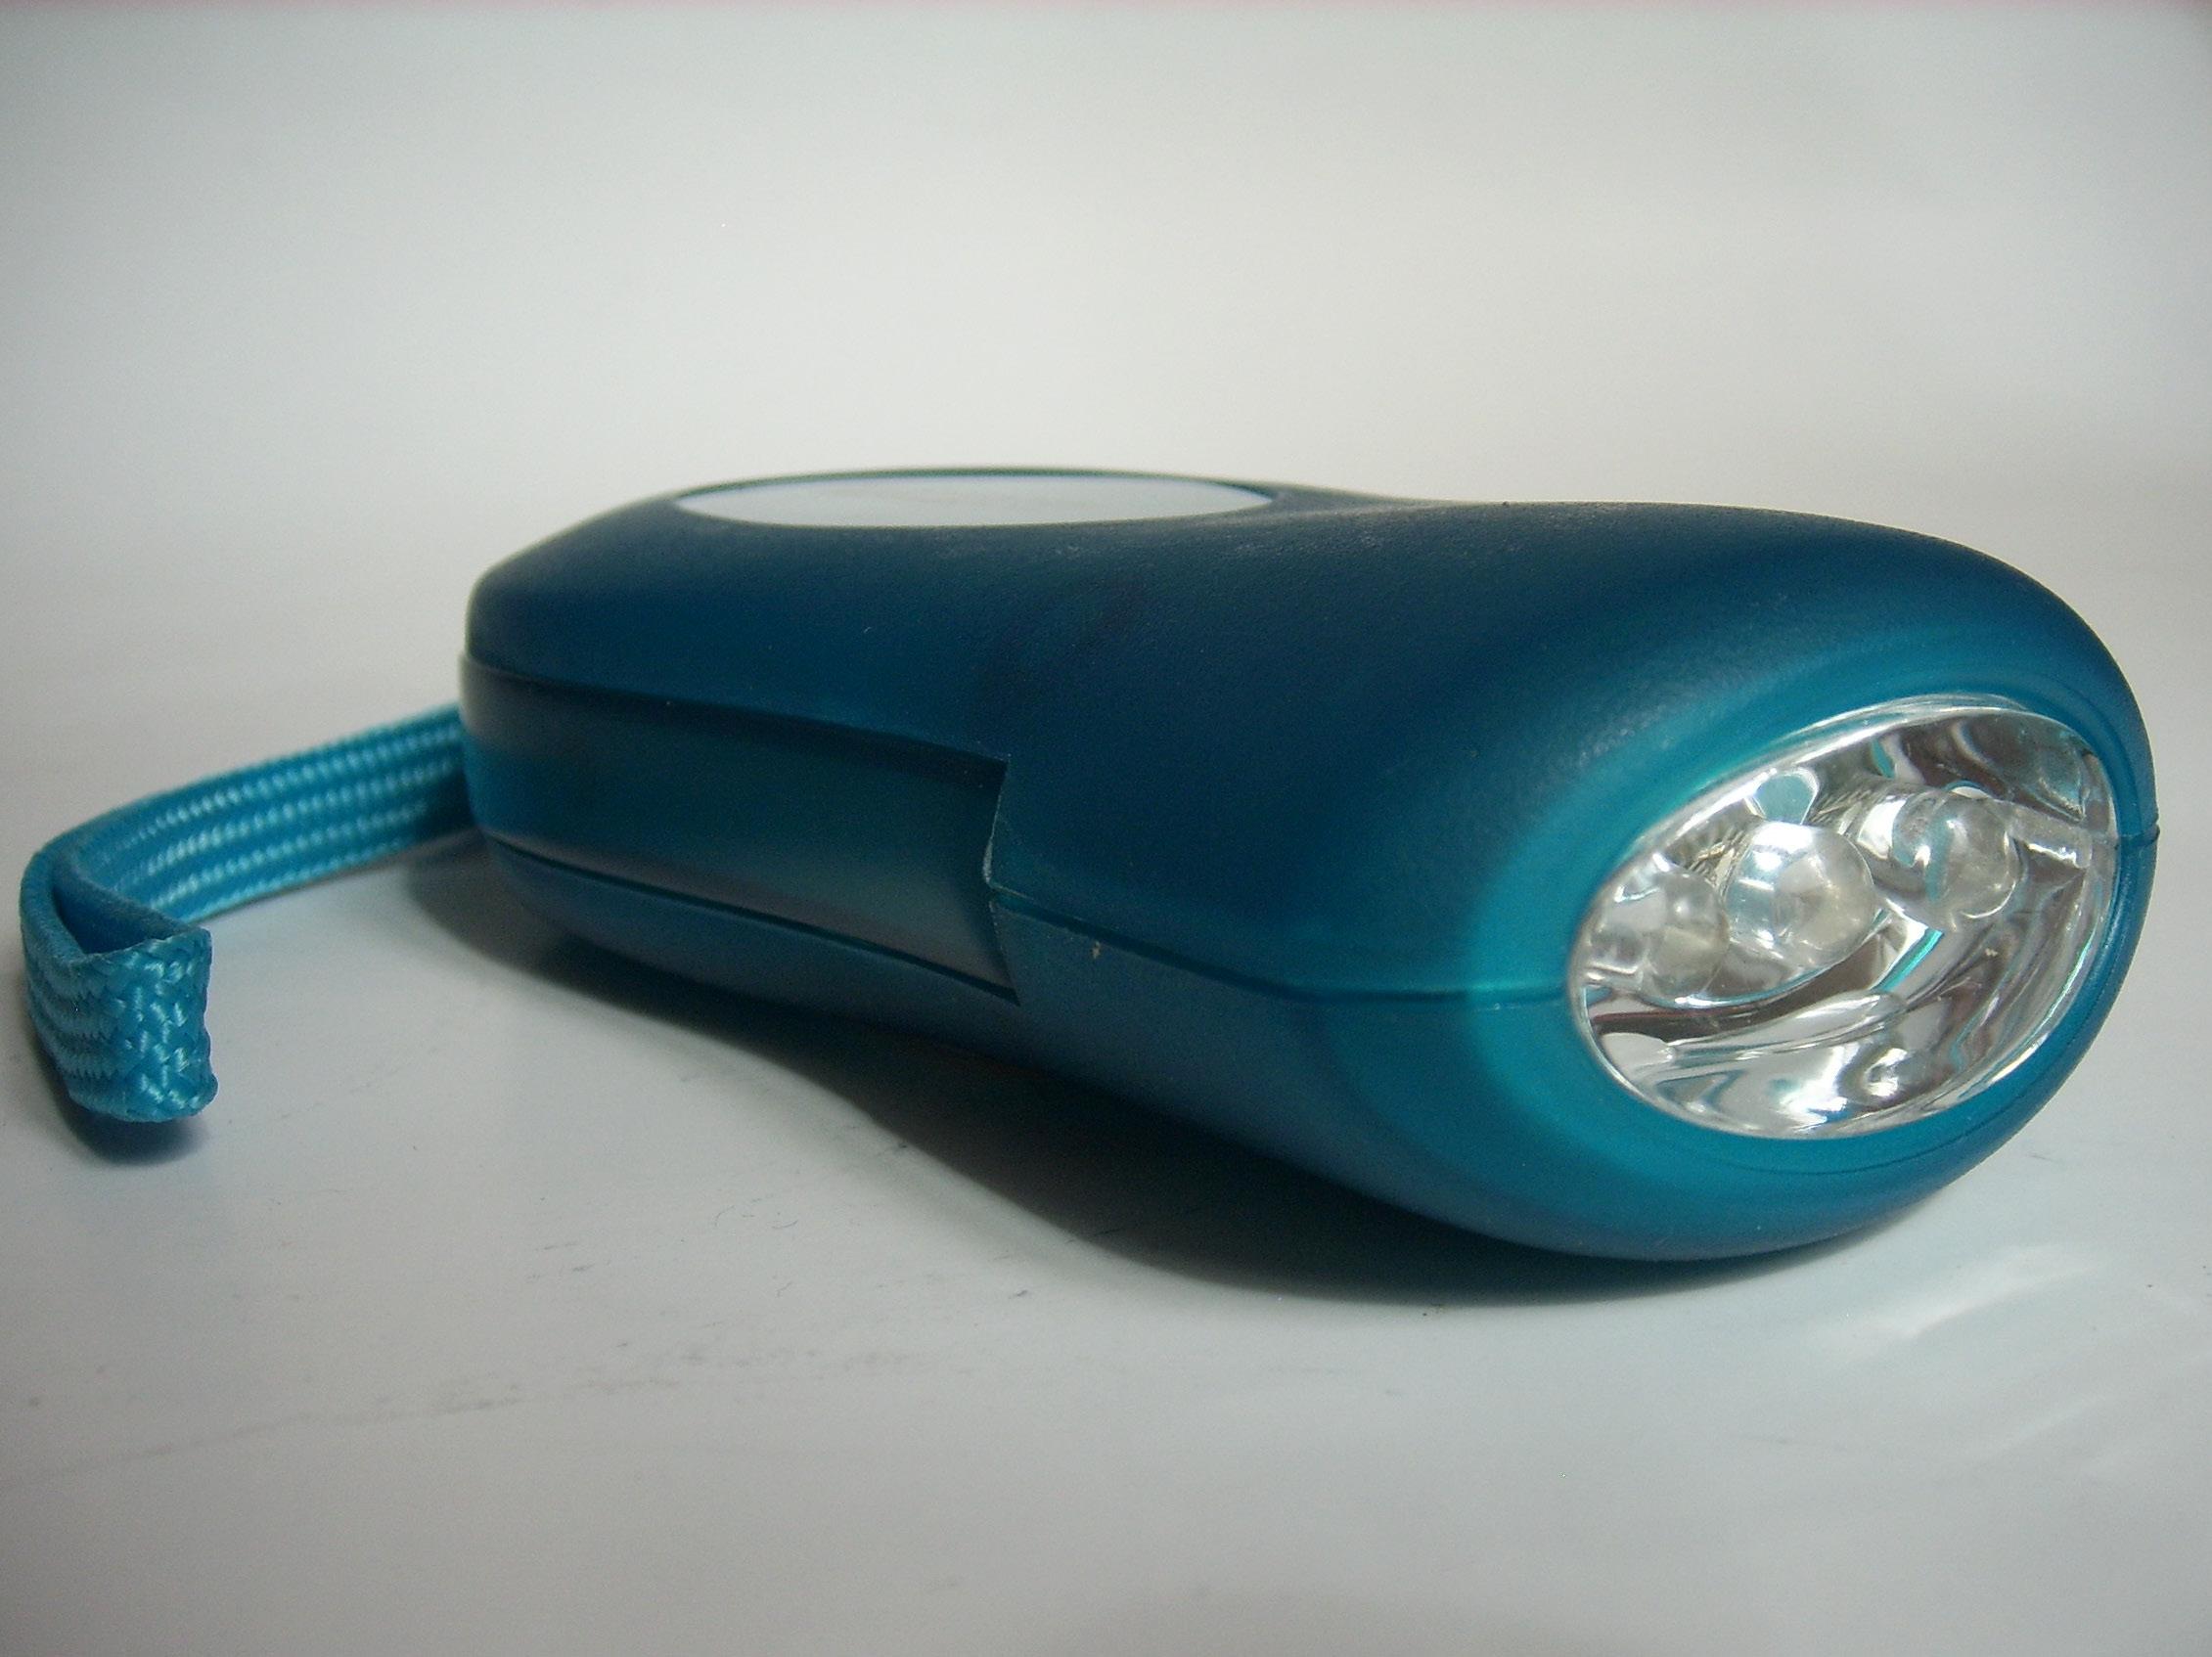 led dynamoleuchte klick klack taschenlampe ohne batterie 8233. Black Bedroom Furniture Sets. Home Design Ideas